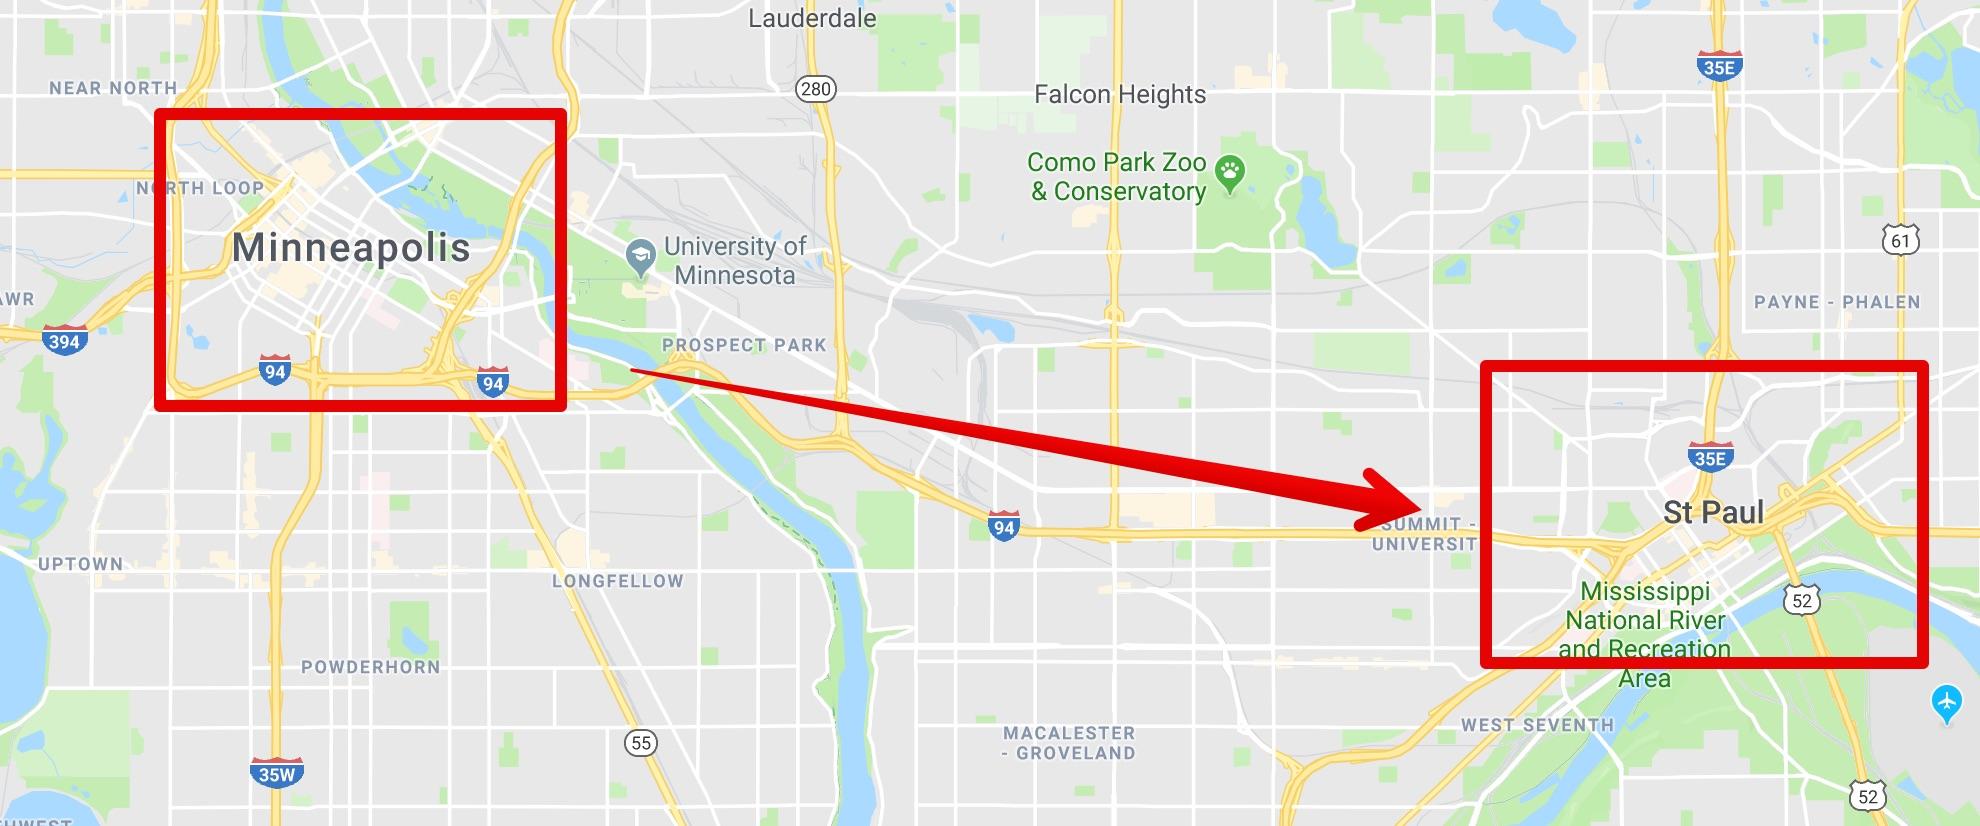 RailsConf 2019 Visitor's Guide to Minneapolis